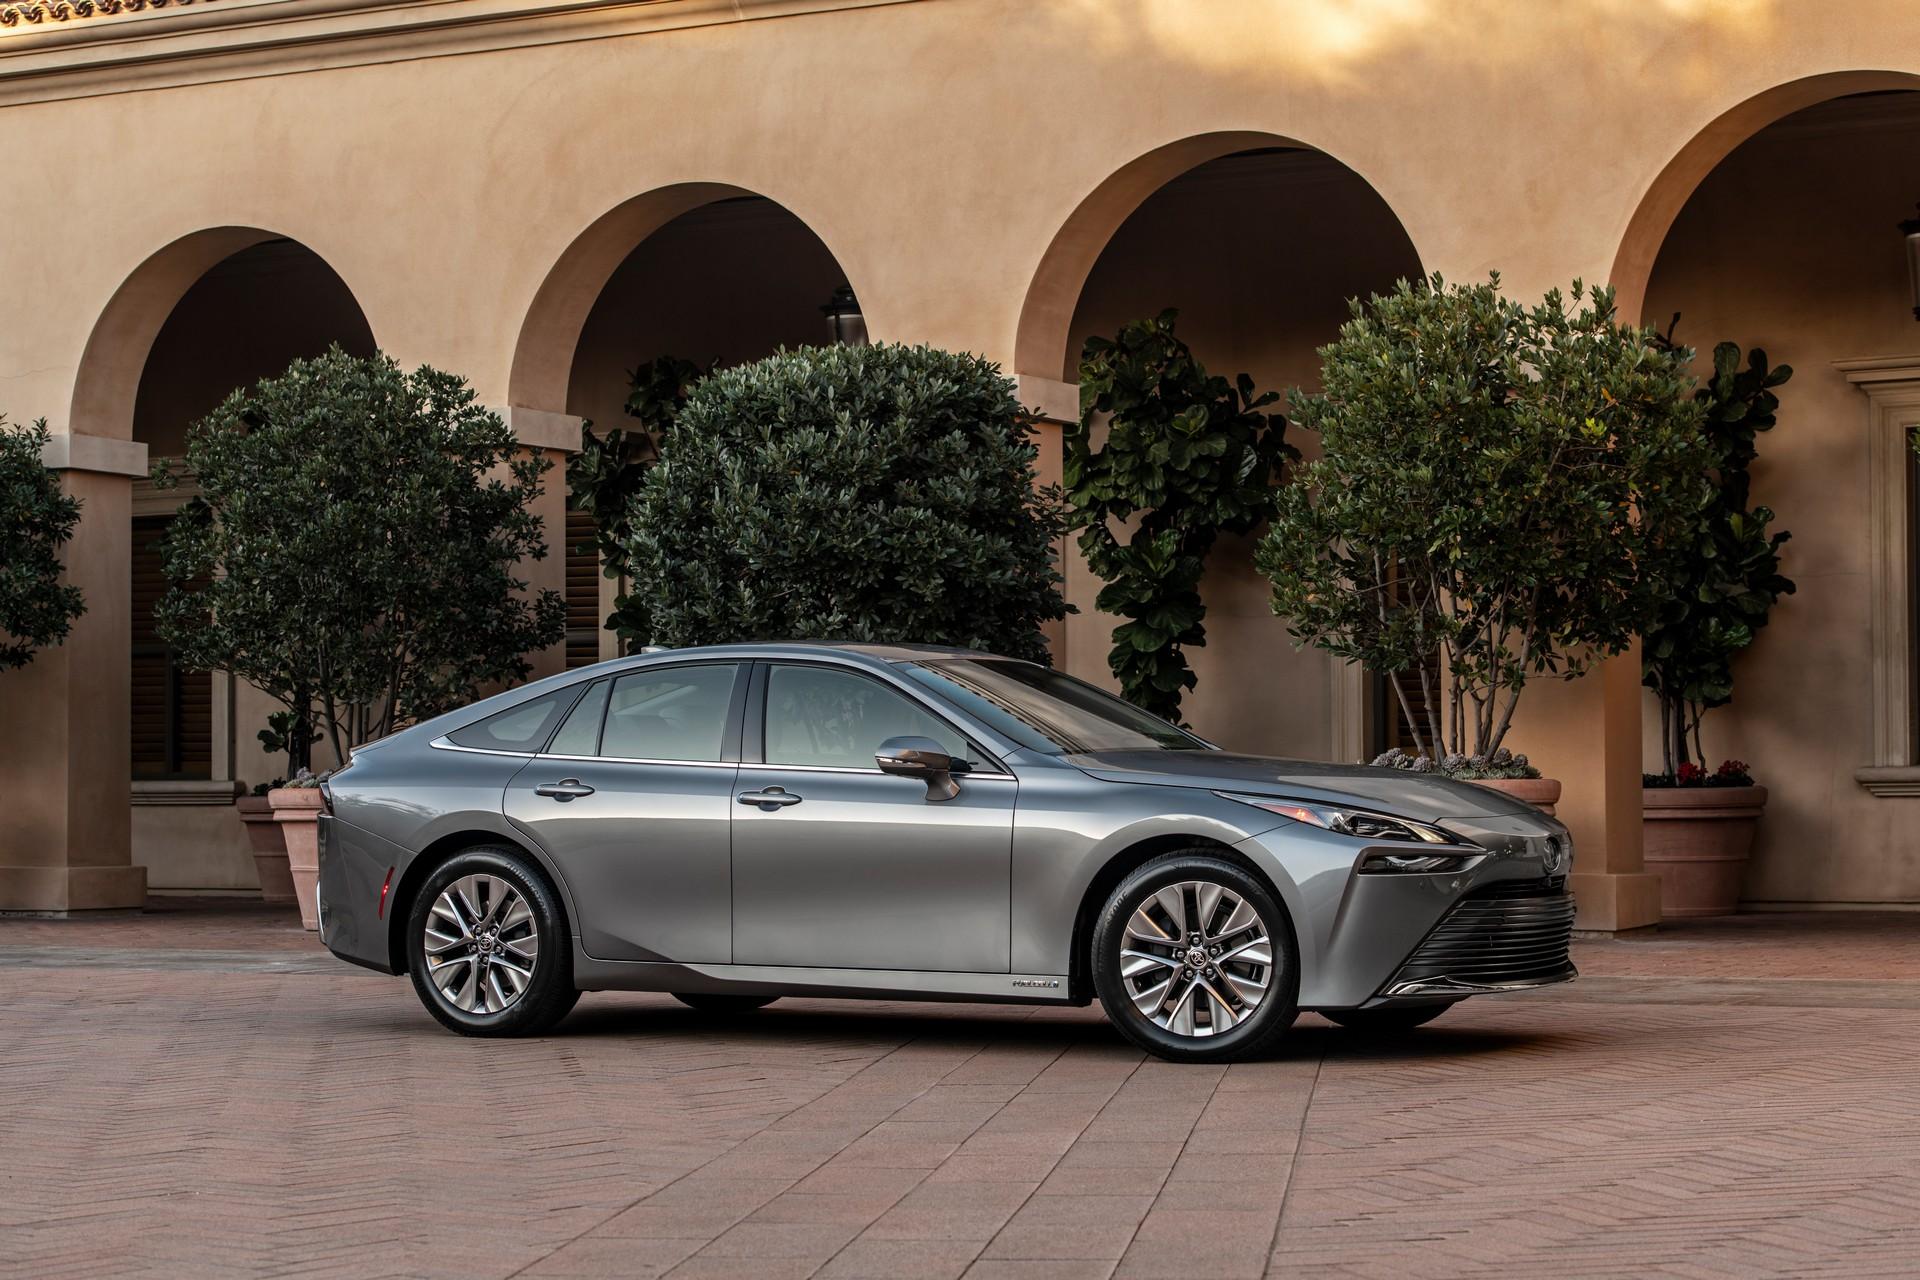 Колку чини новата Toyota за водородот?